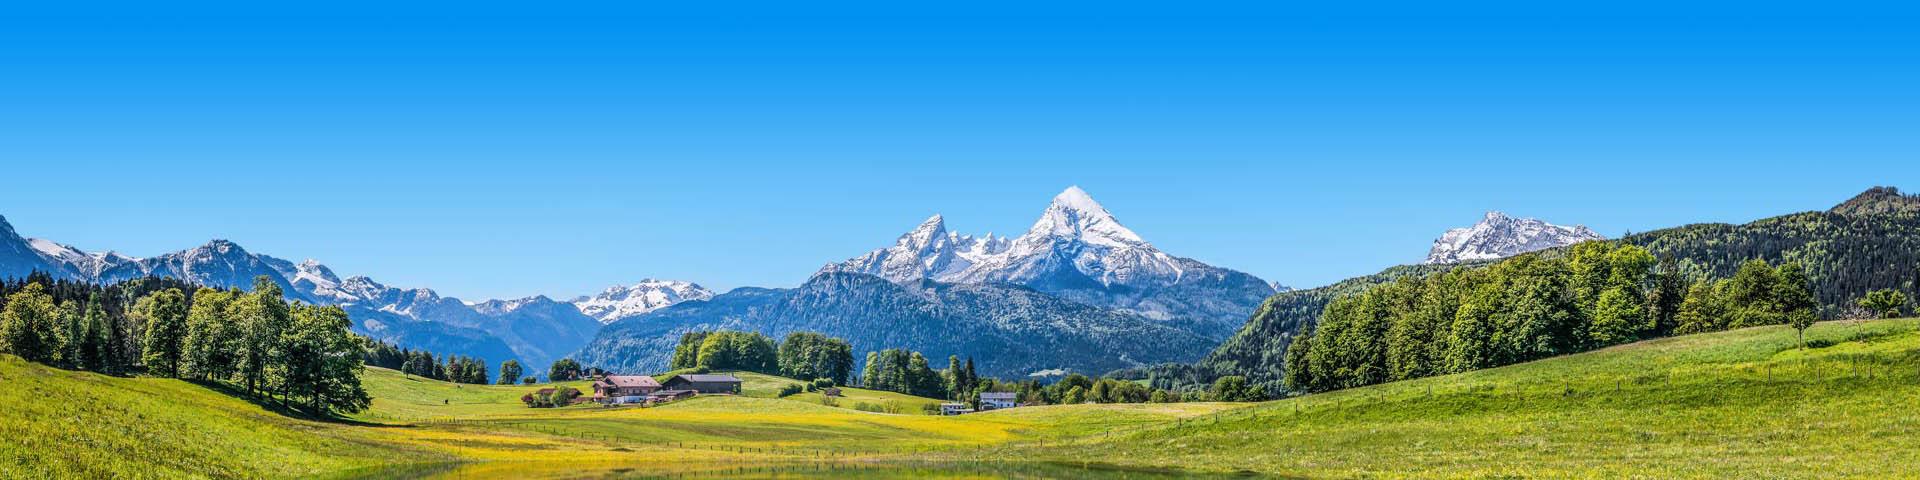 Goen landschap met besneeuwde bergen tijdens een zomervakantie in Duitsland